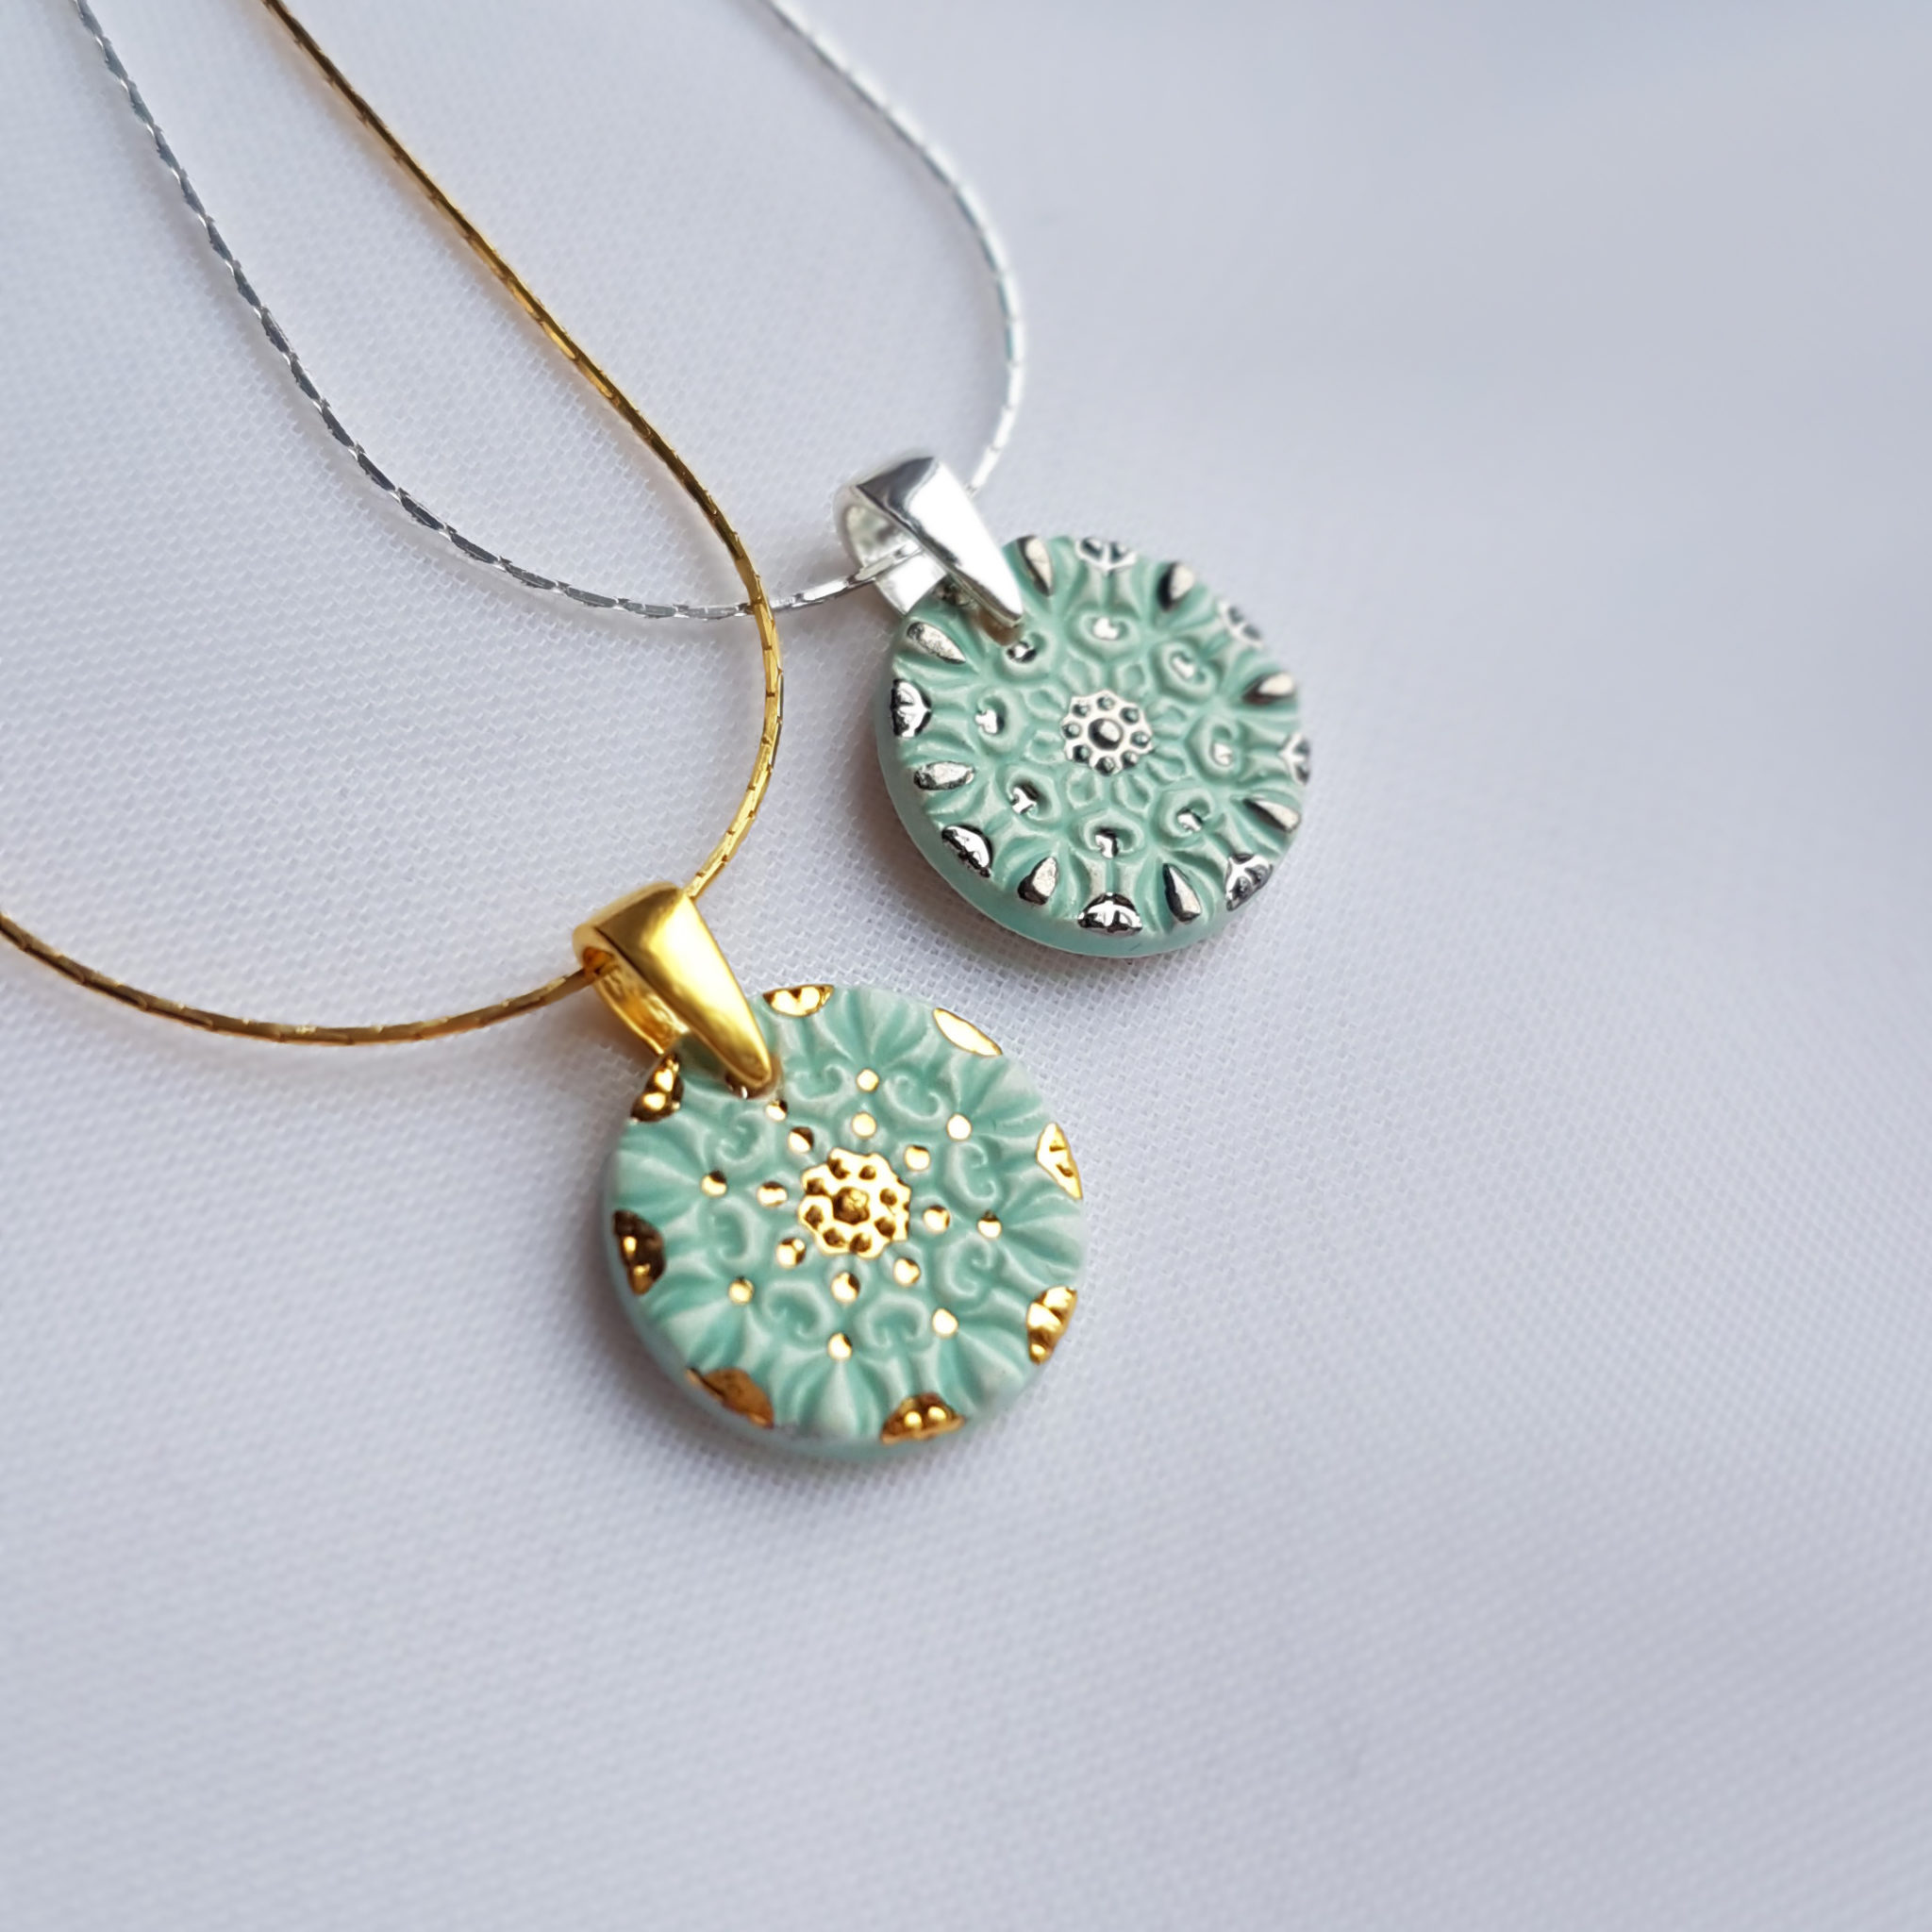 Subtelne, miętowe naszyjniki z kwiatową mandalą